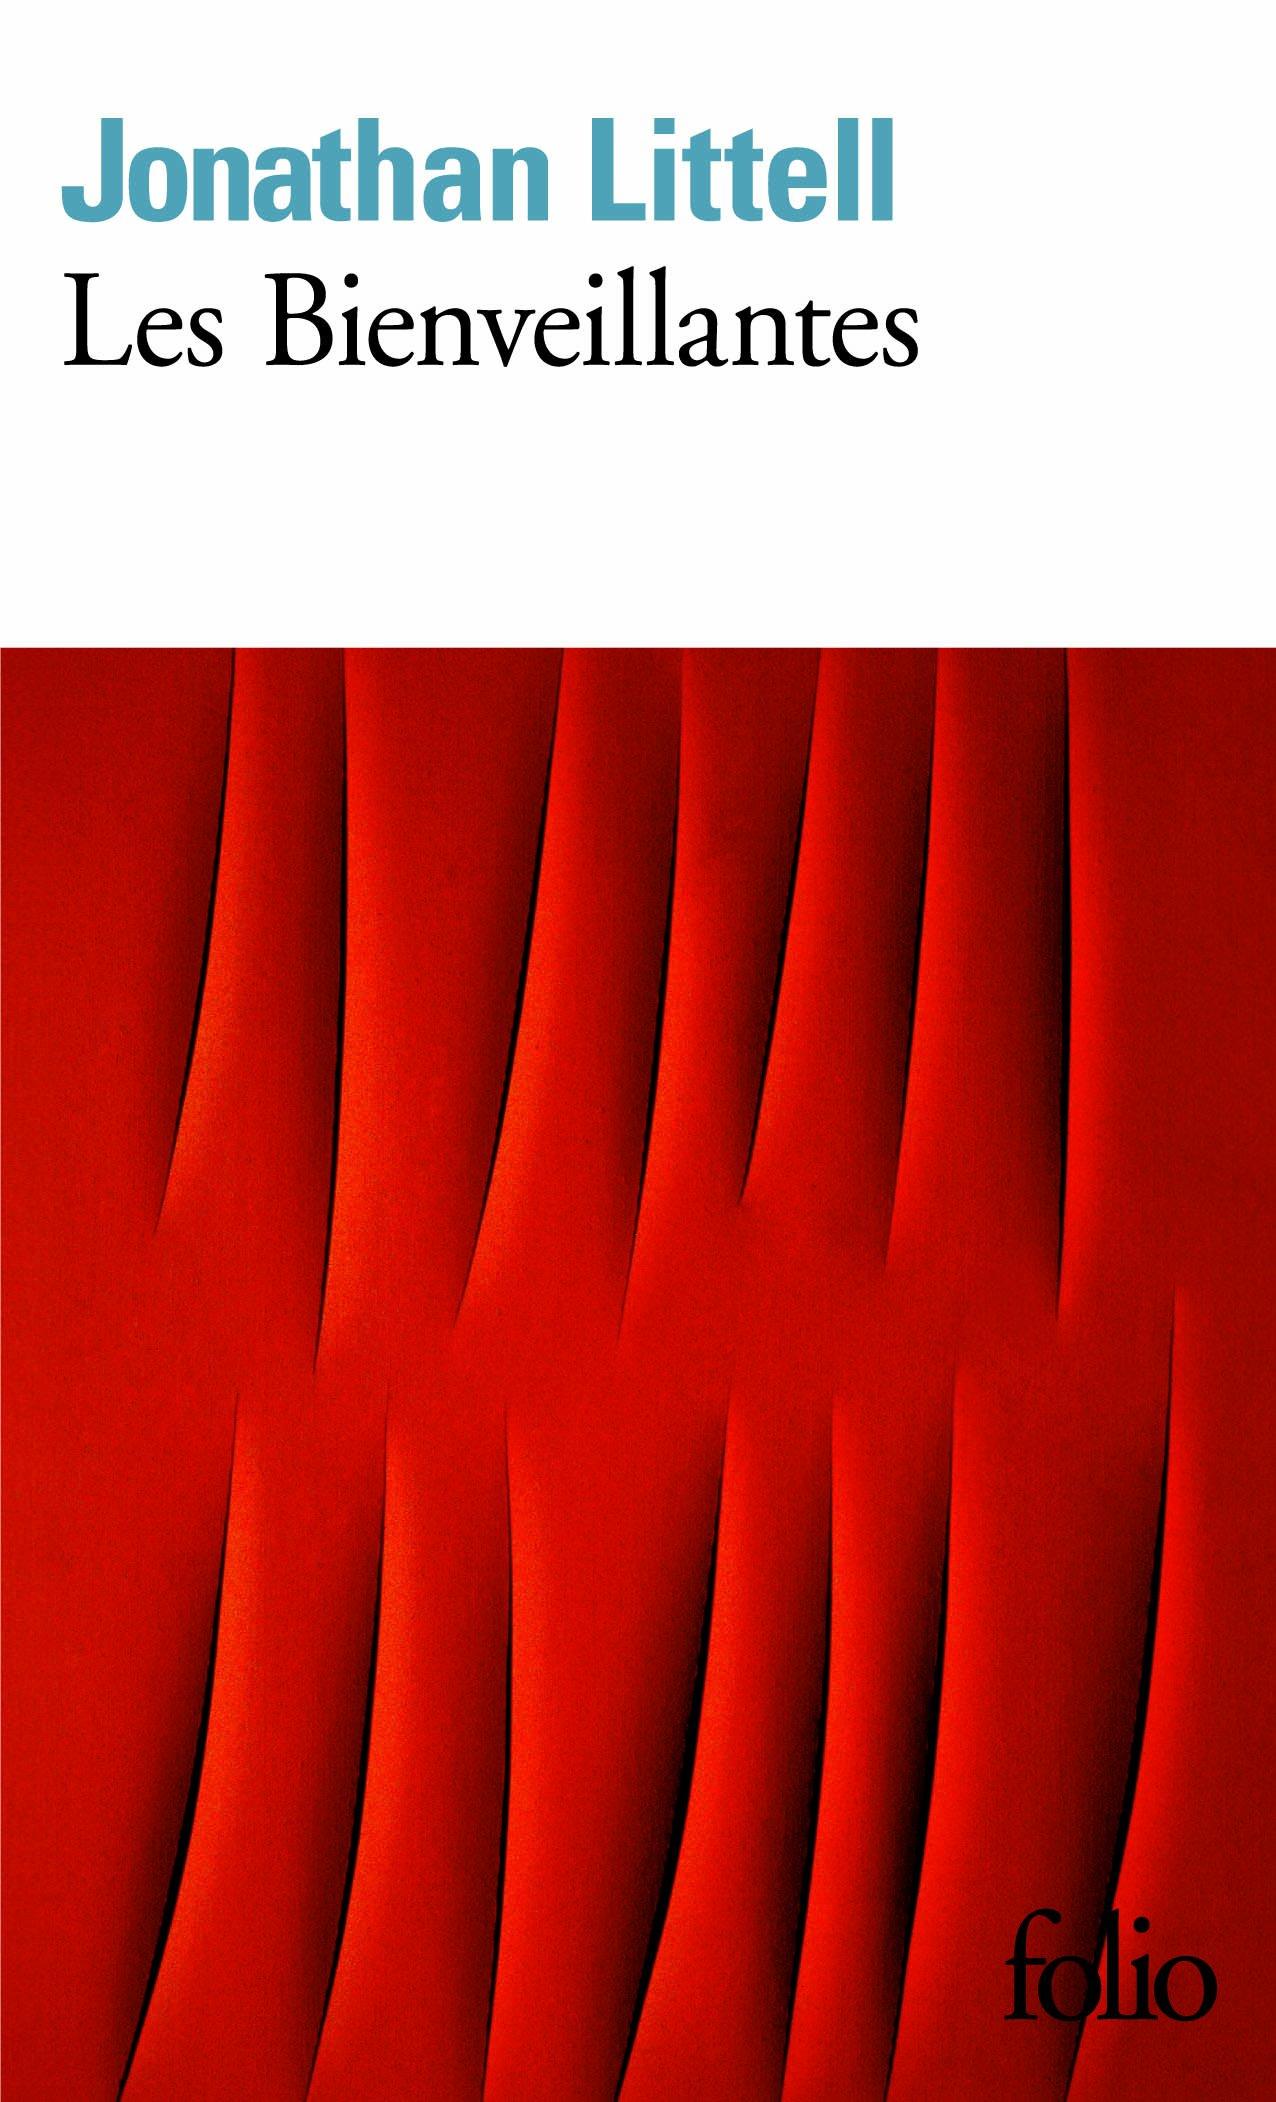 Amazon  Les Bienveillantes  Prix Goncourt Et Prix Du Roman De  L'acad�mie Fran�aise 2006  Jonathan Littell  Livres